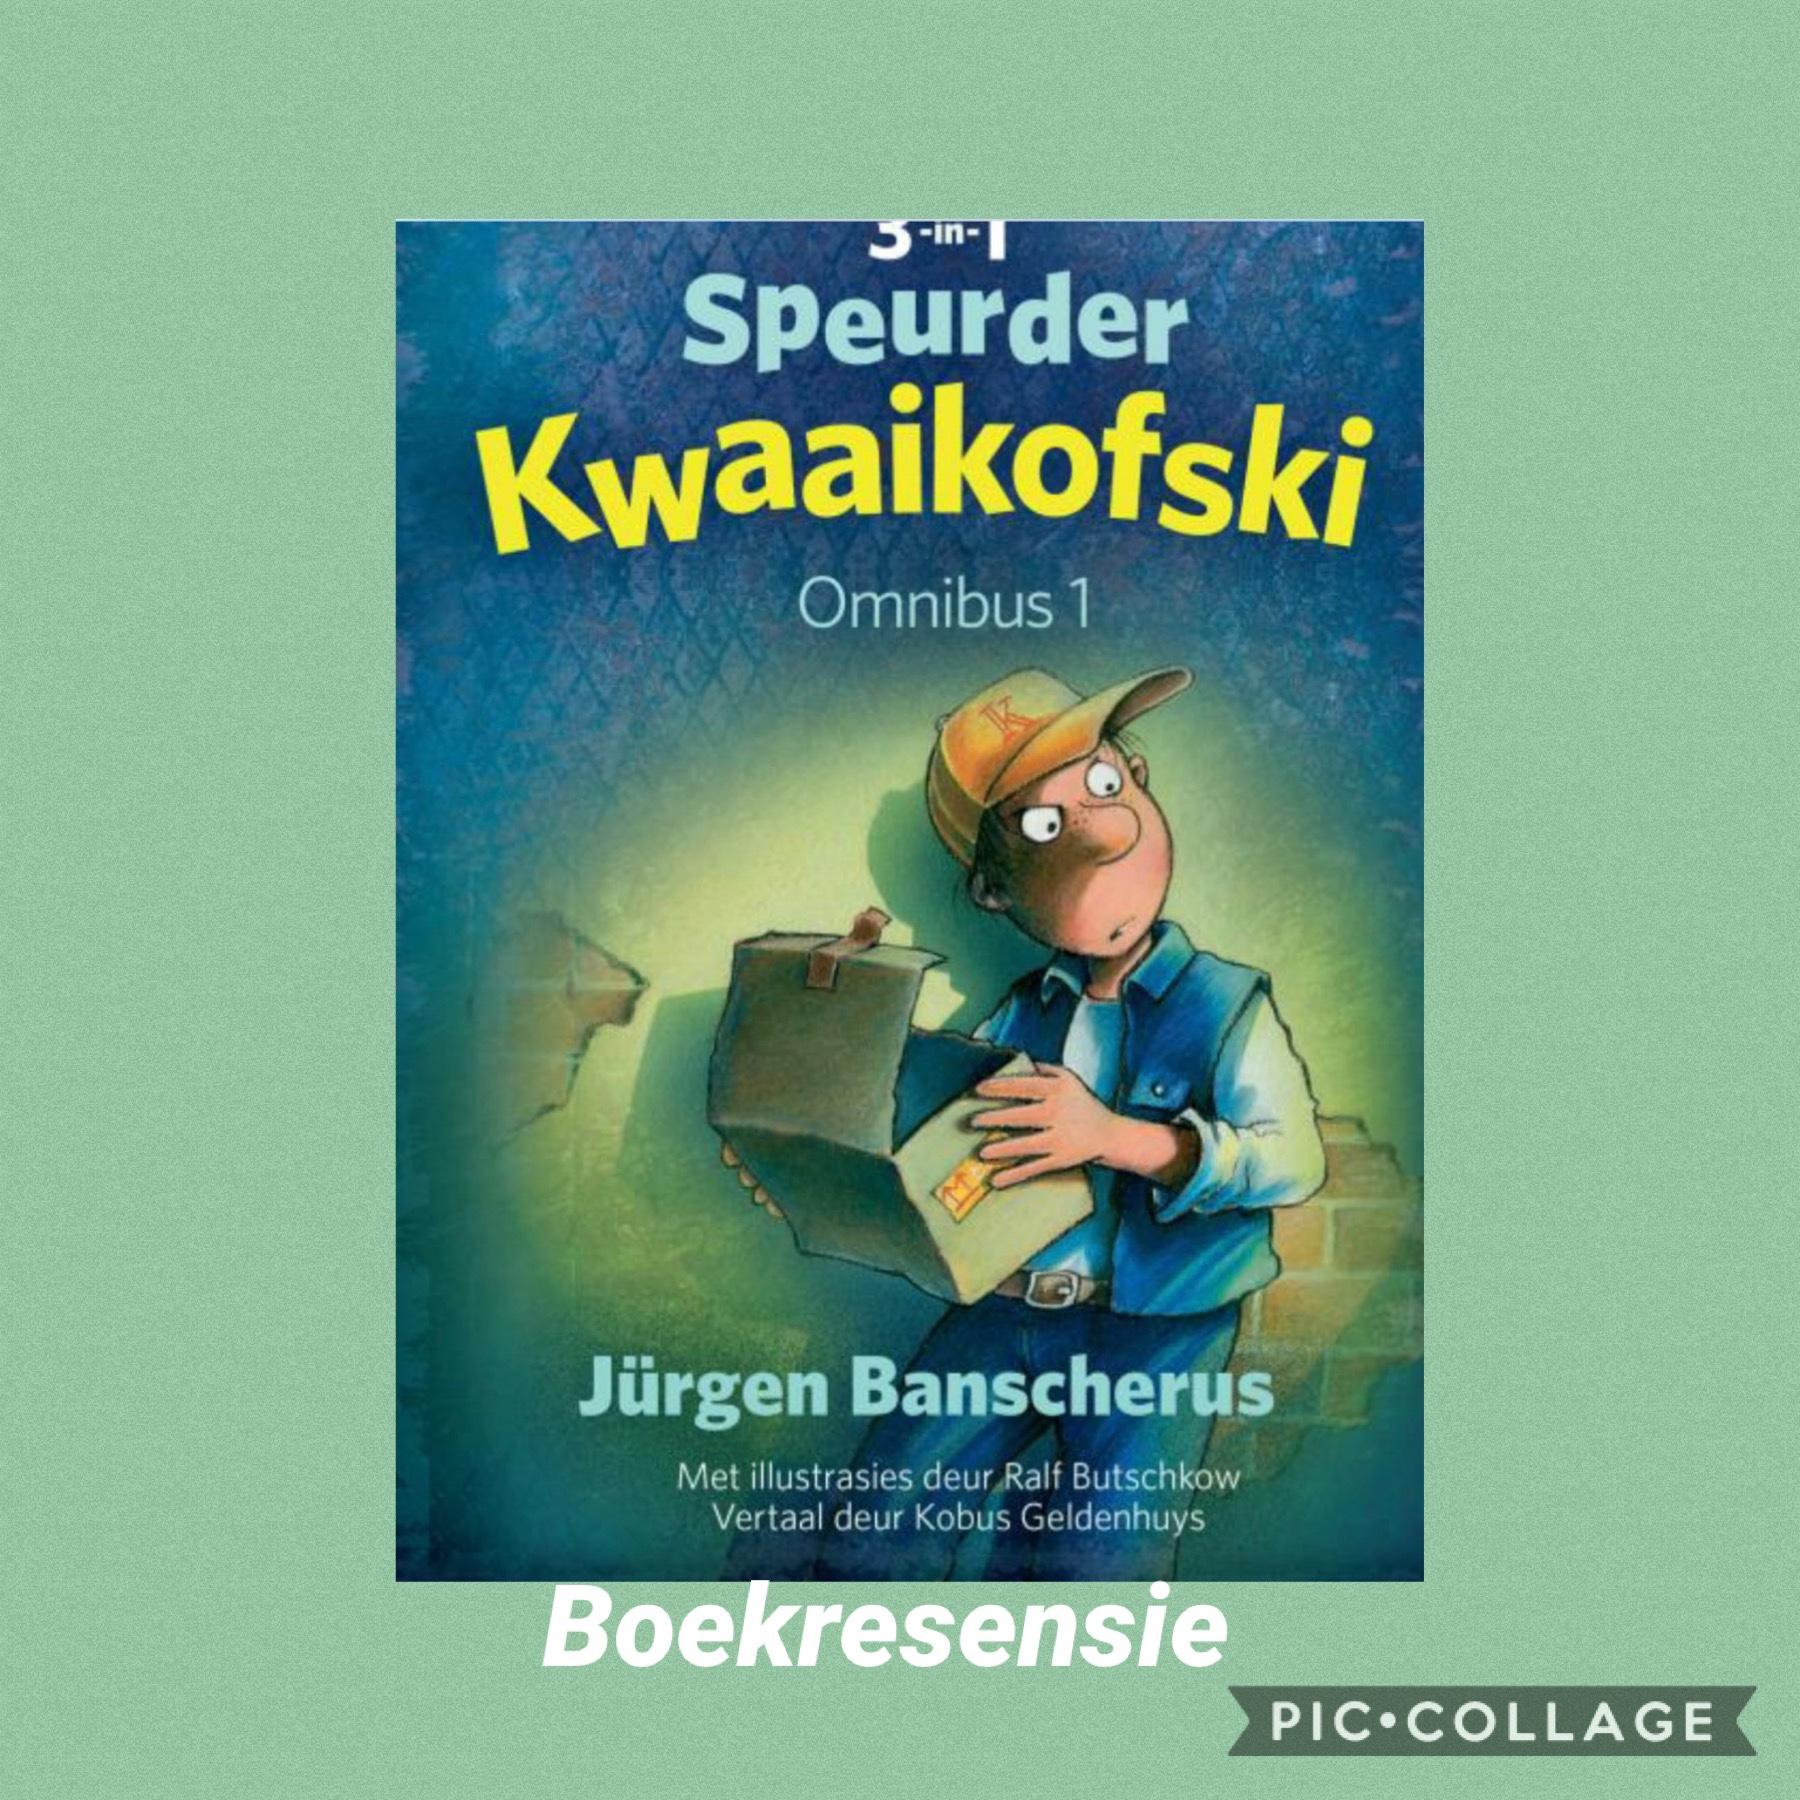 Boekresensie: Speurder Kwaaikofski – Omnibus 1